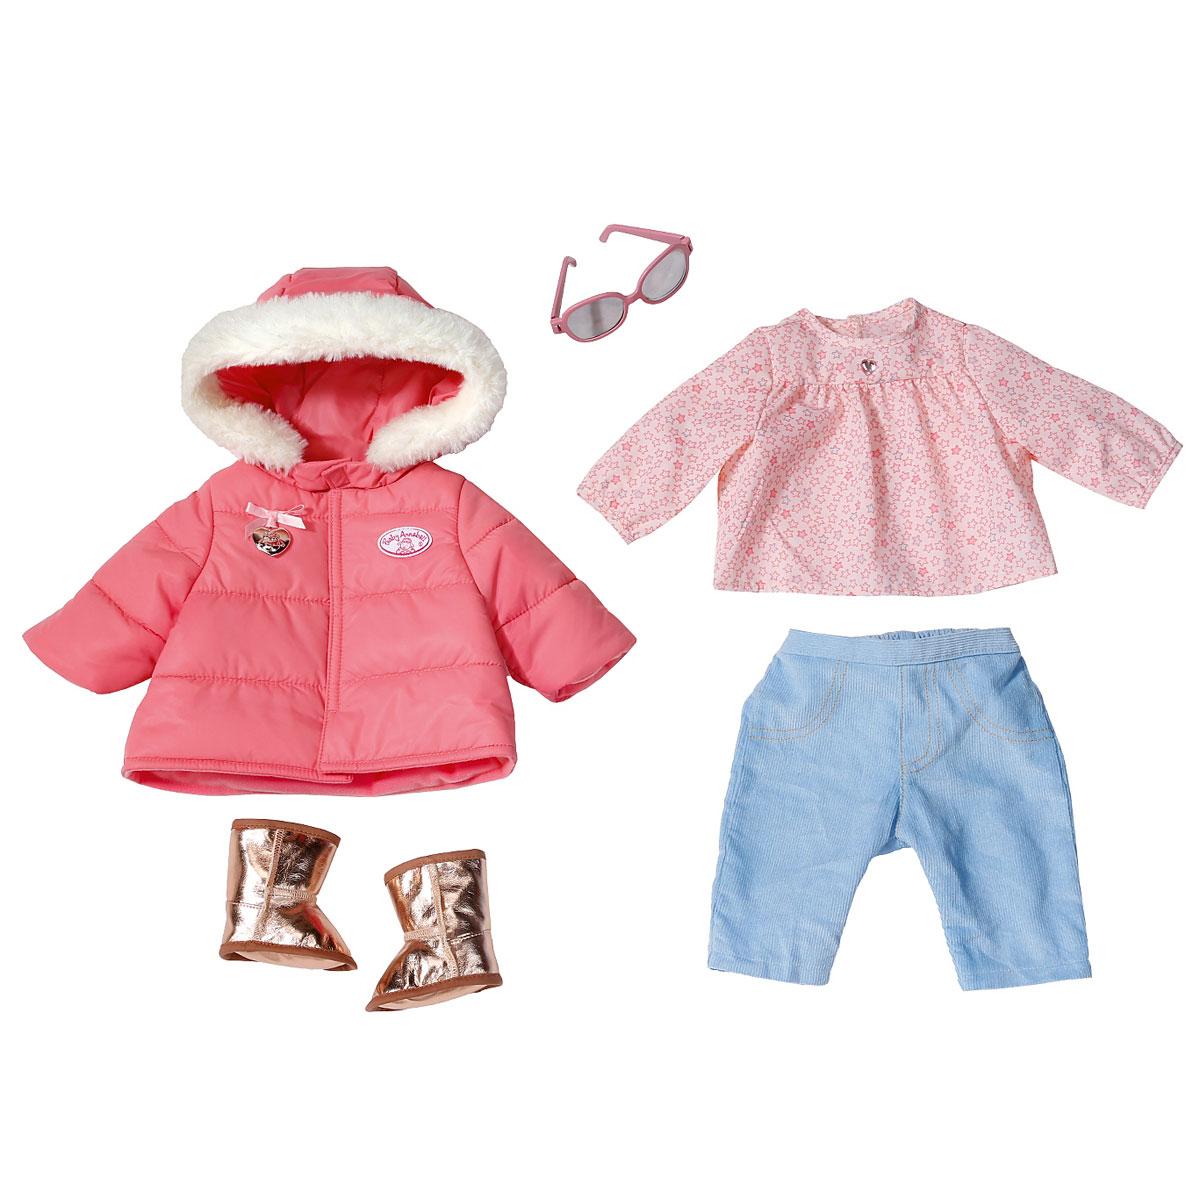 в подольске шьют детскую одежду